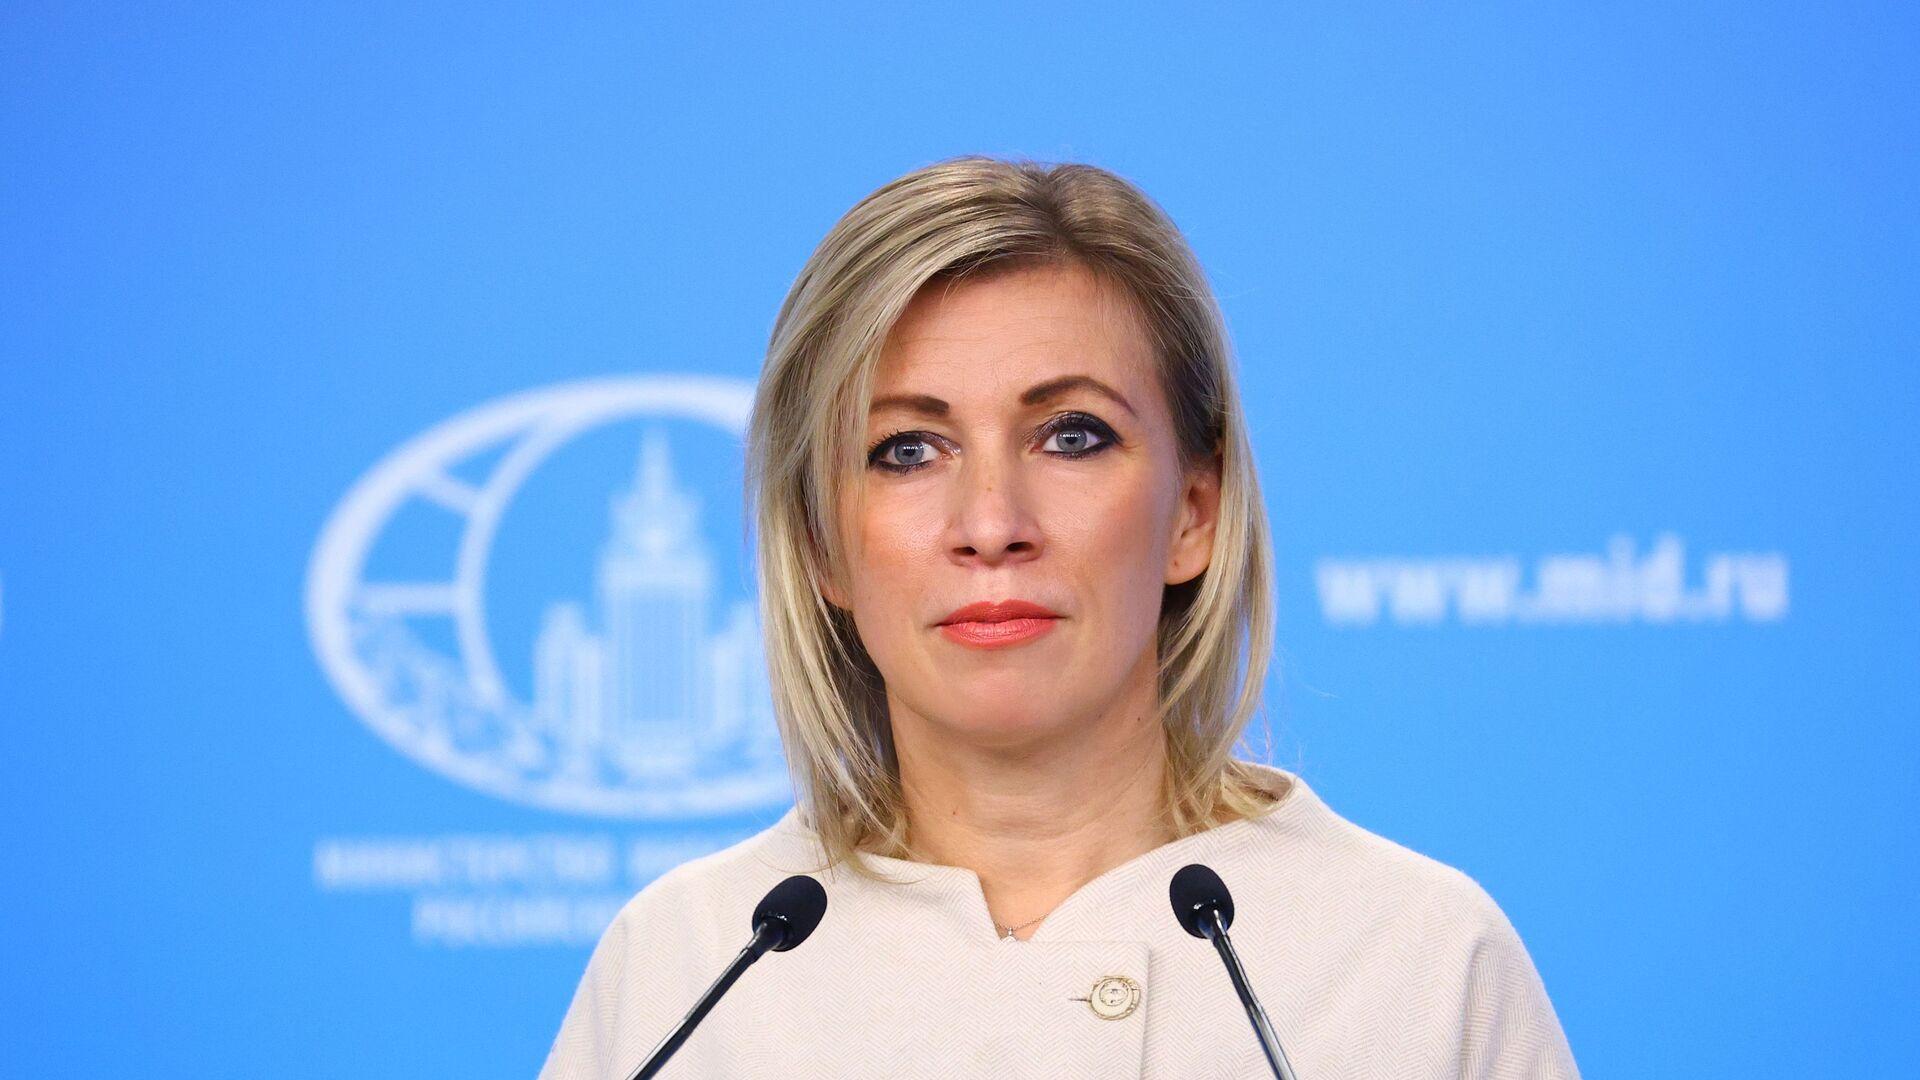 Официальный представитель Министерства иностранных дел России Мария Захарова - Sputnik Латвия, 1920, 10.06.2021